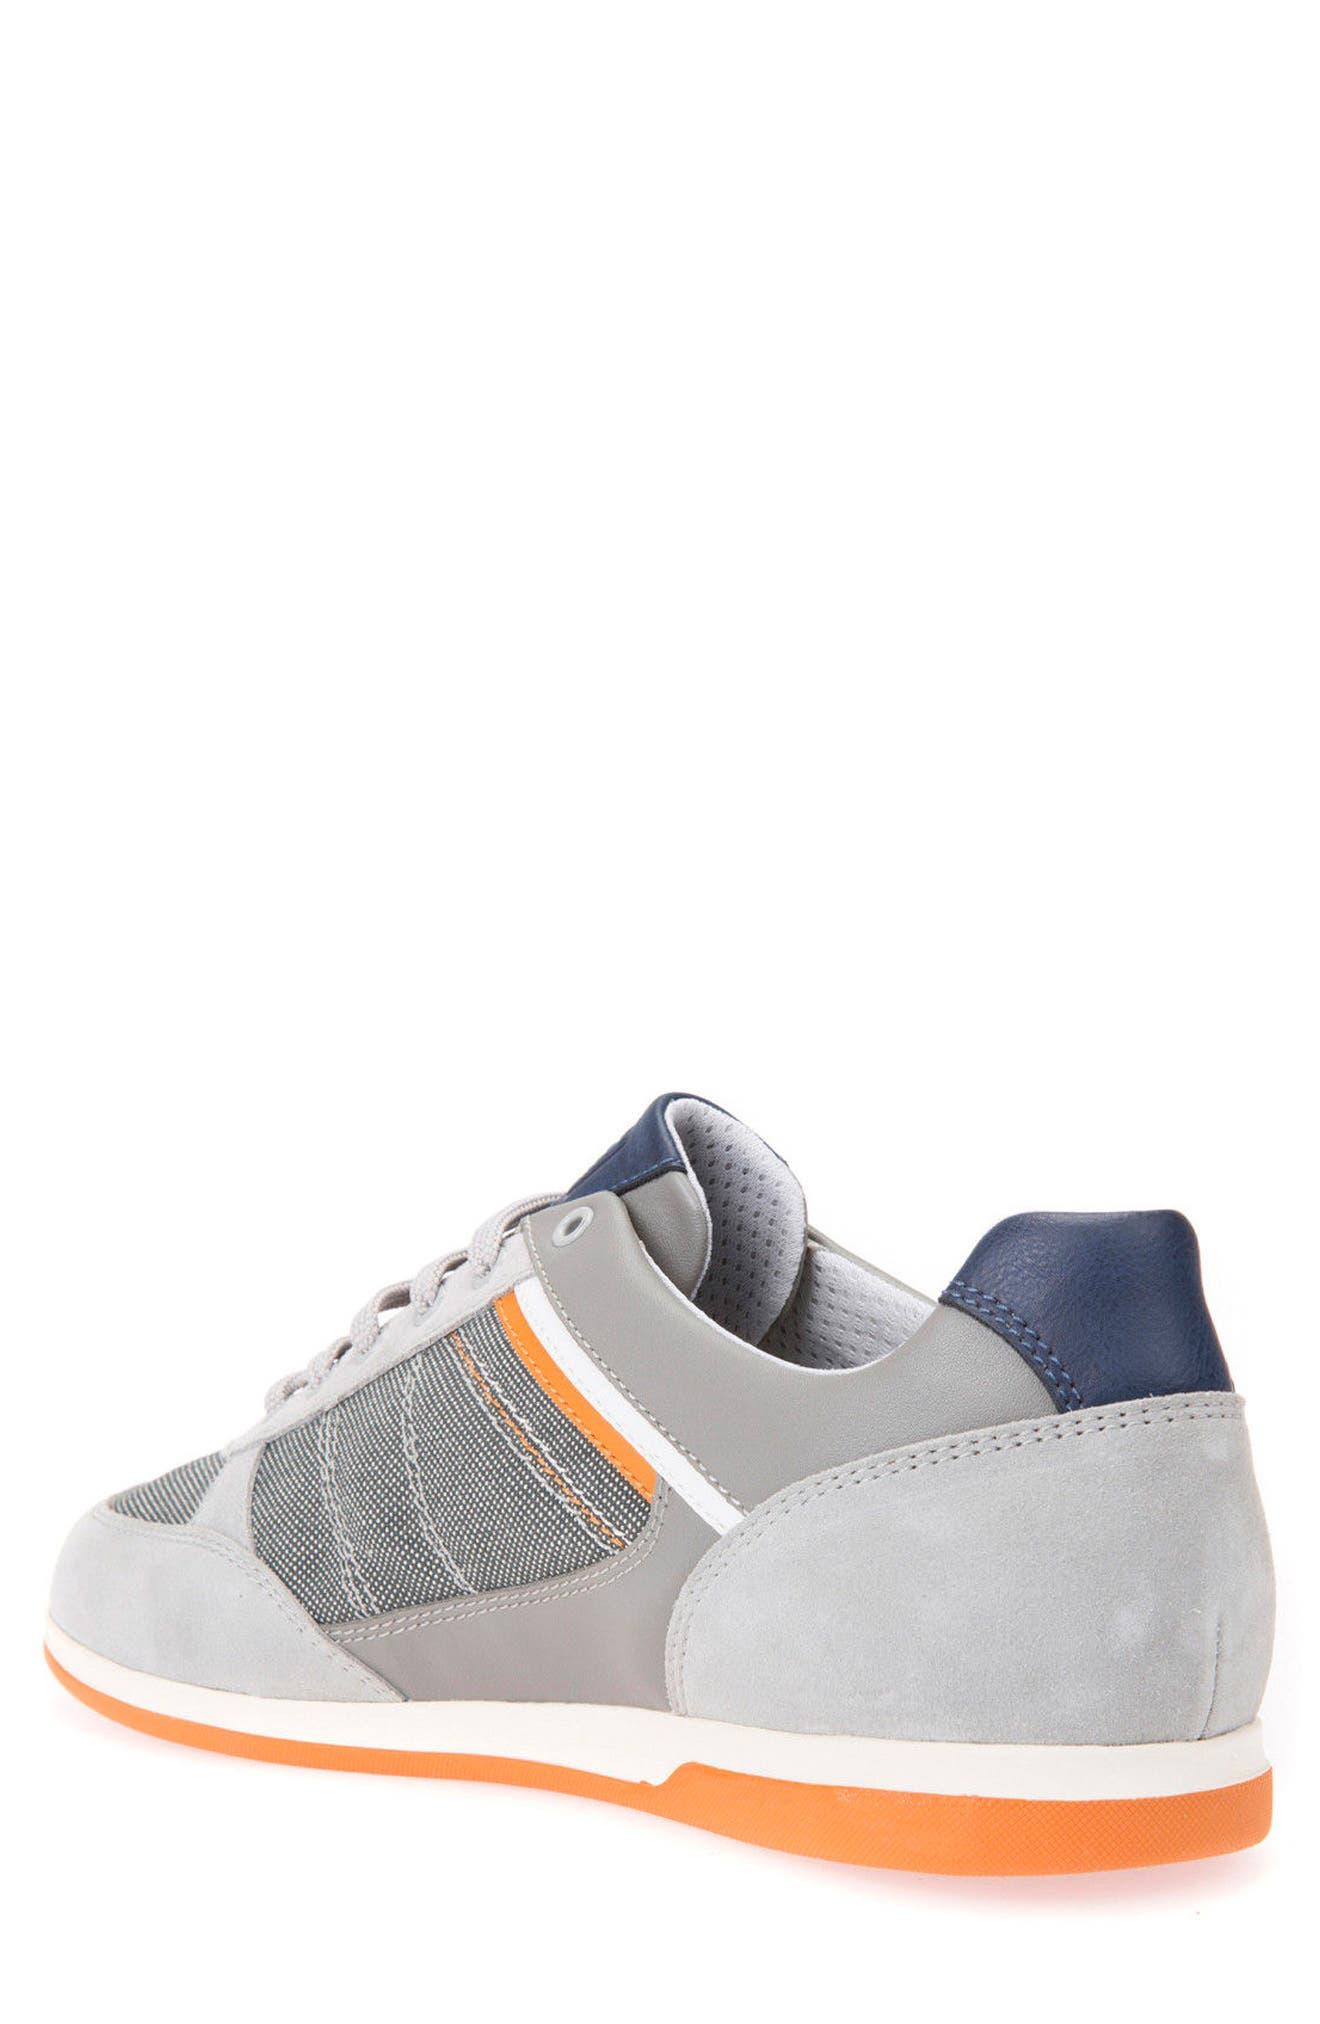 Renan 1 Low Top Sneaker,                             Alternate thumbnail 2, color,                             030